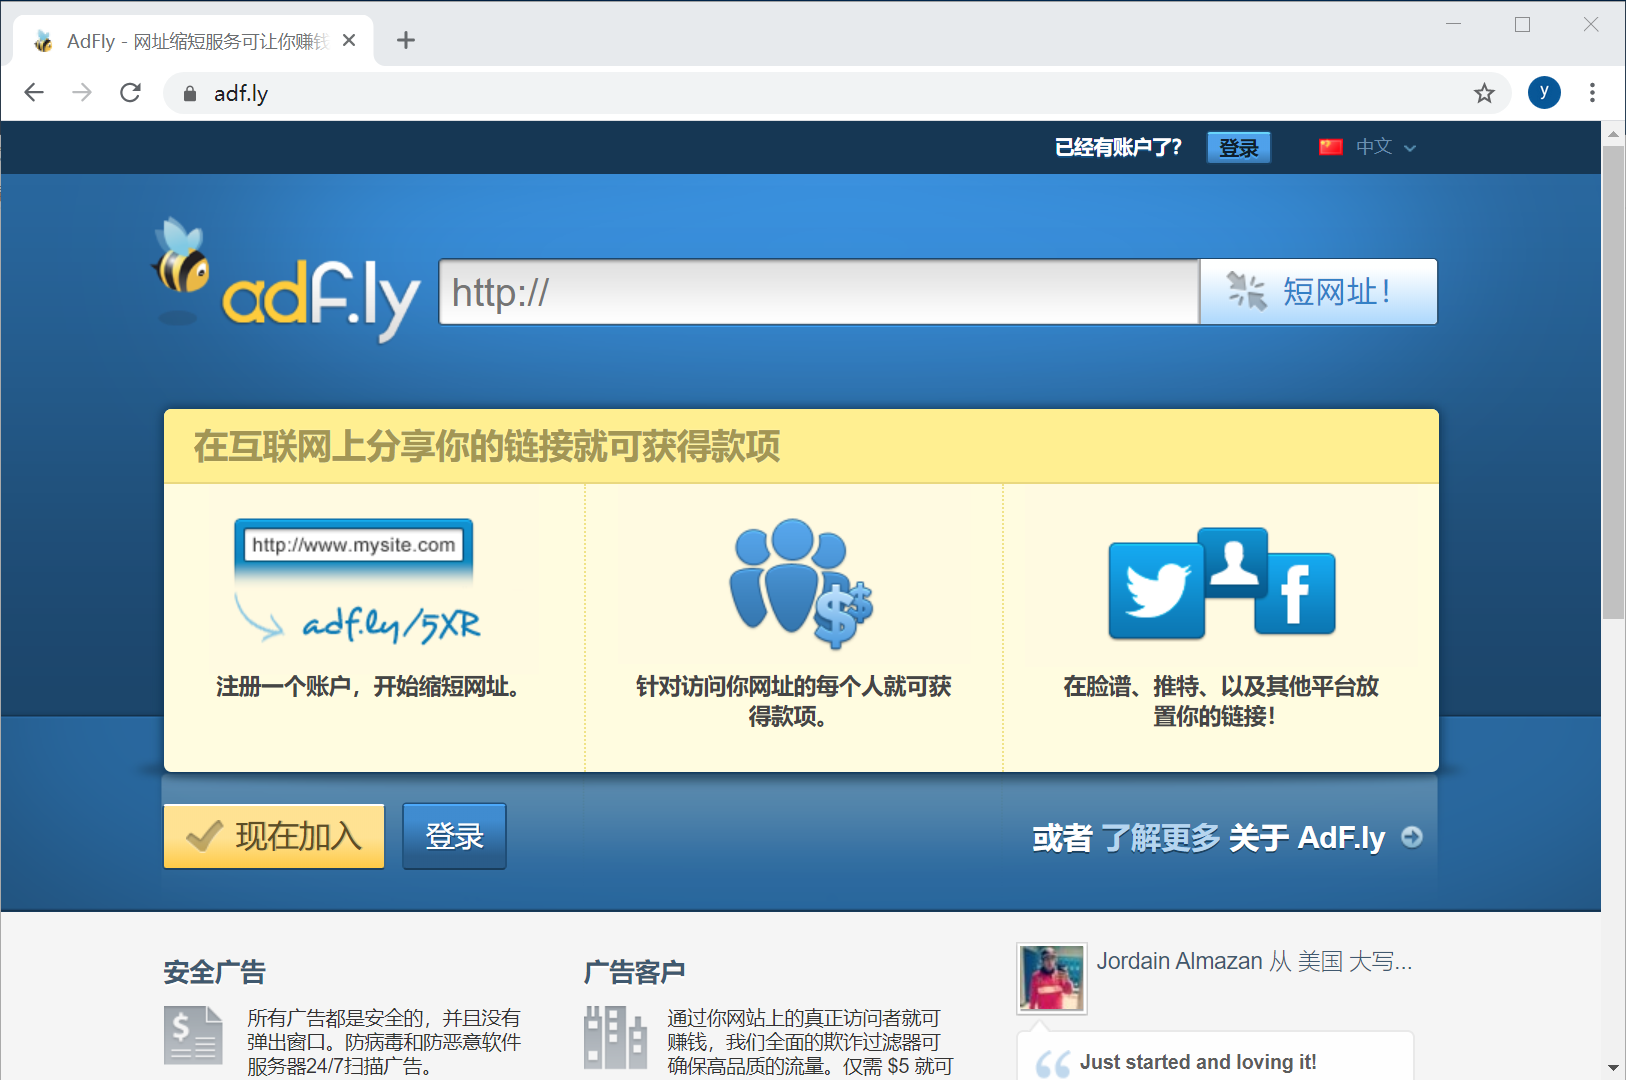 AdFly 短网址